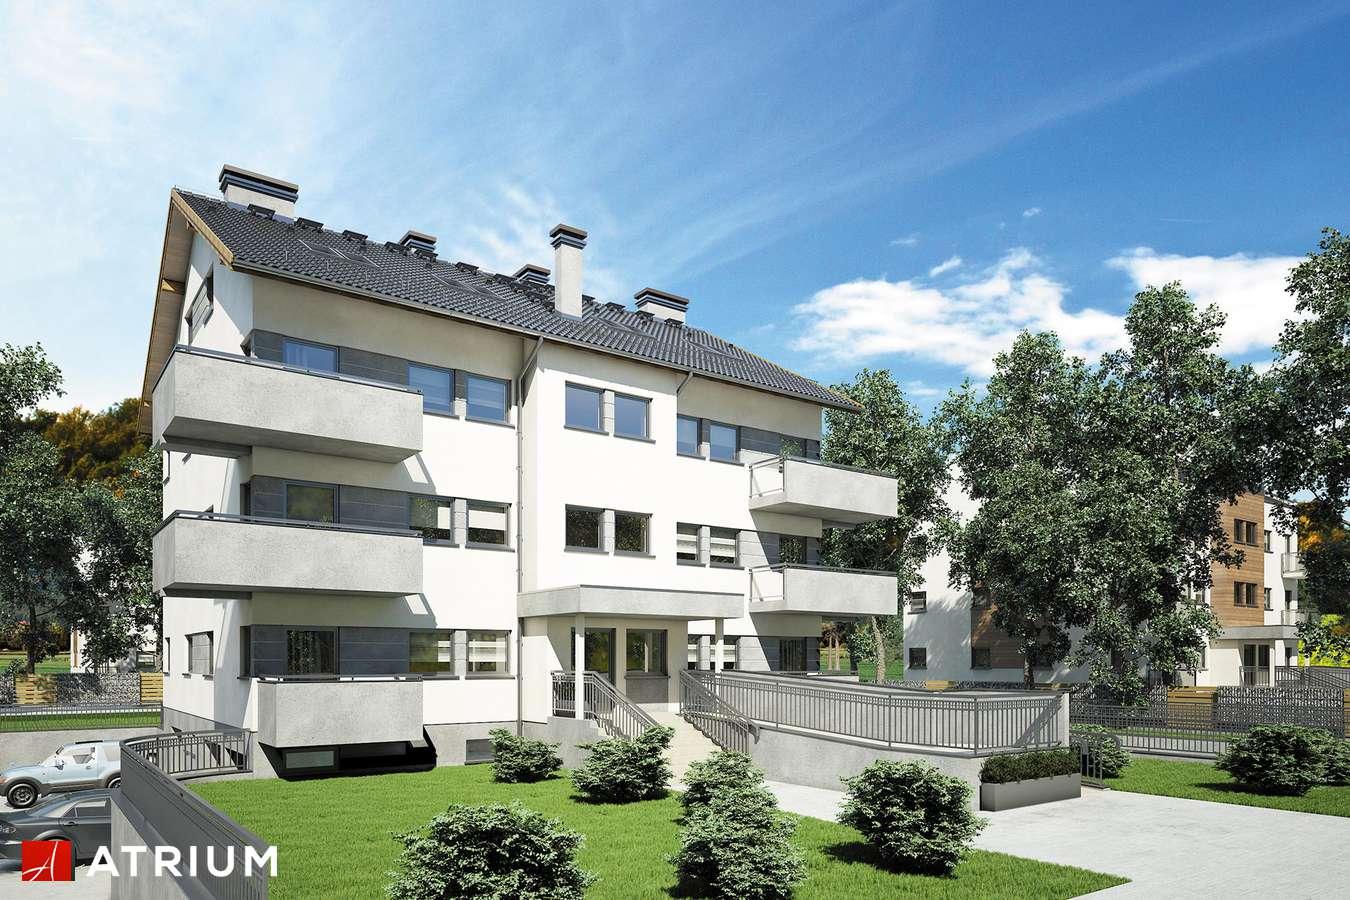 Projekty domów - Projekt domu z poddaszem TOP DOM - wizualizacja 1